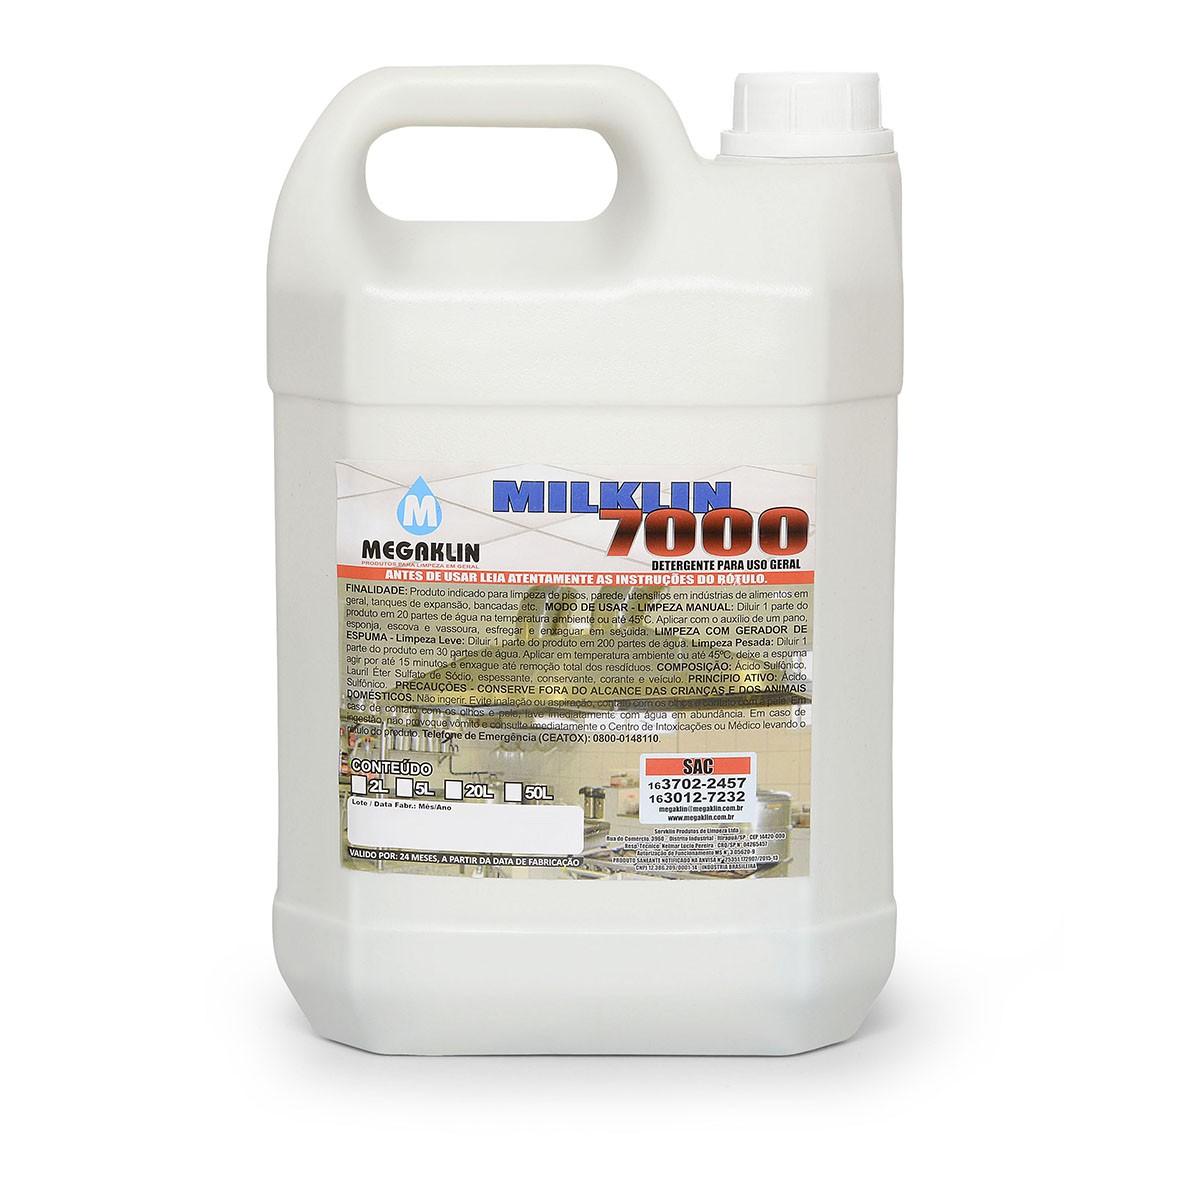 Detergente para Uso Geral Levemente Alcalino Milklin 7000 Megaklin